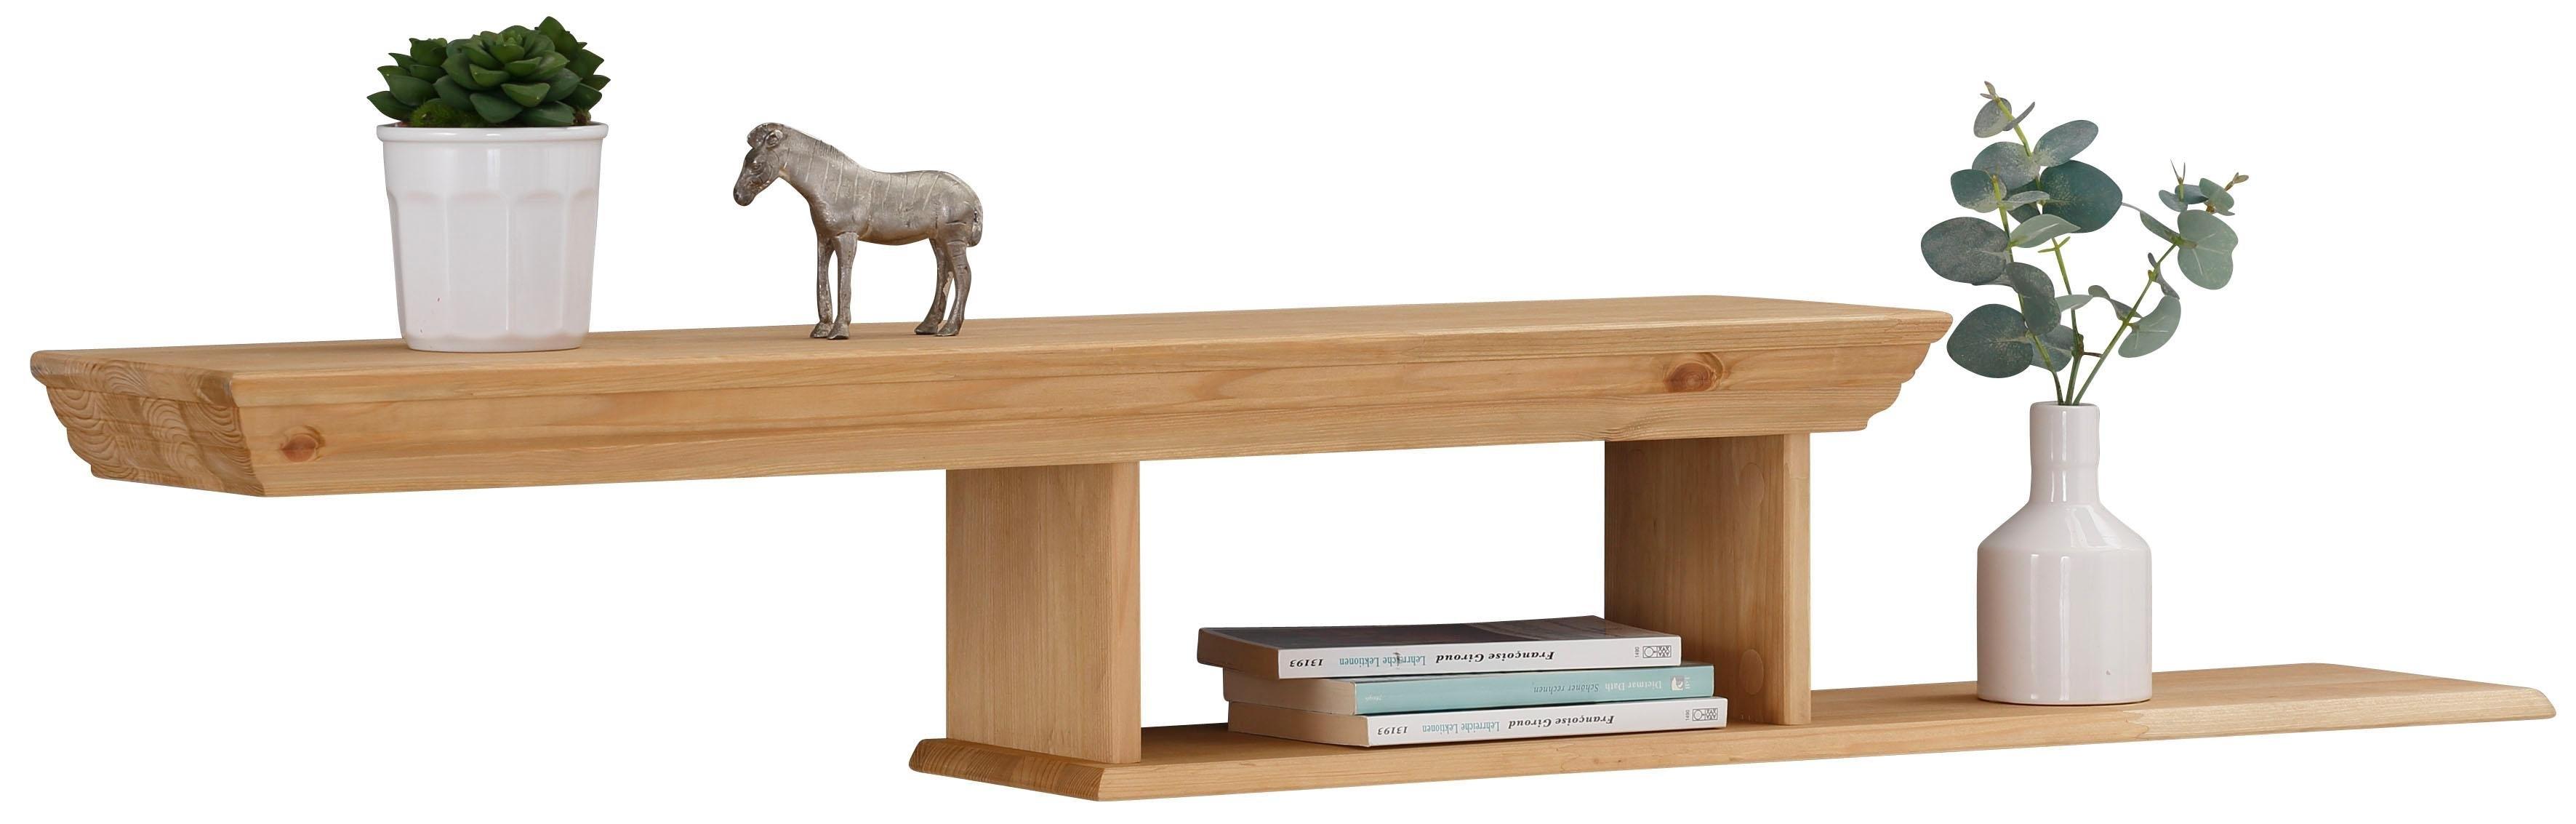 Op zoek naar een Home affaire Wandrek EVA van massief grenen, breedte 129,5 cm? Koop online bij OTTO